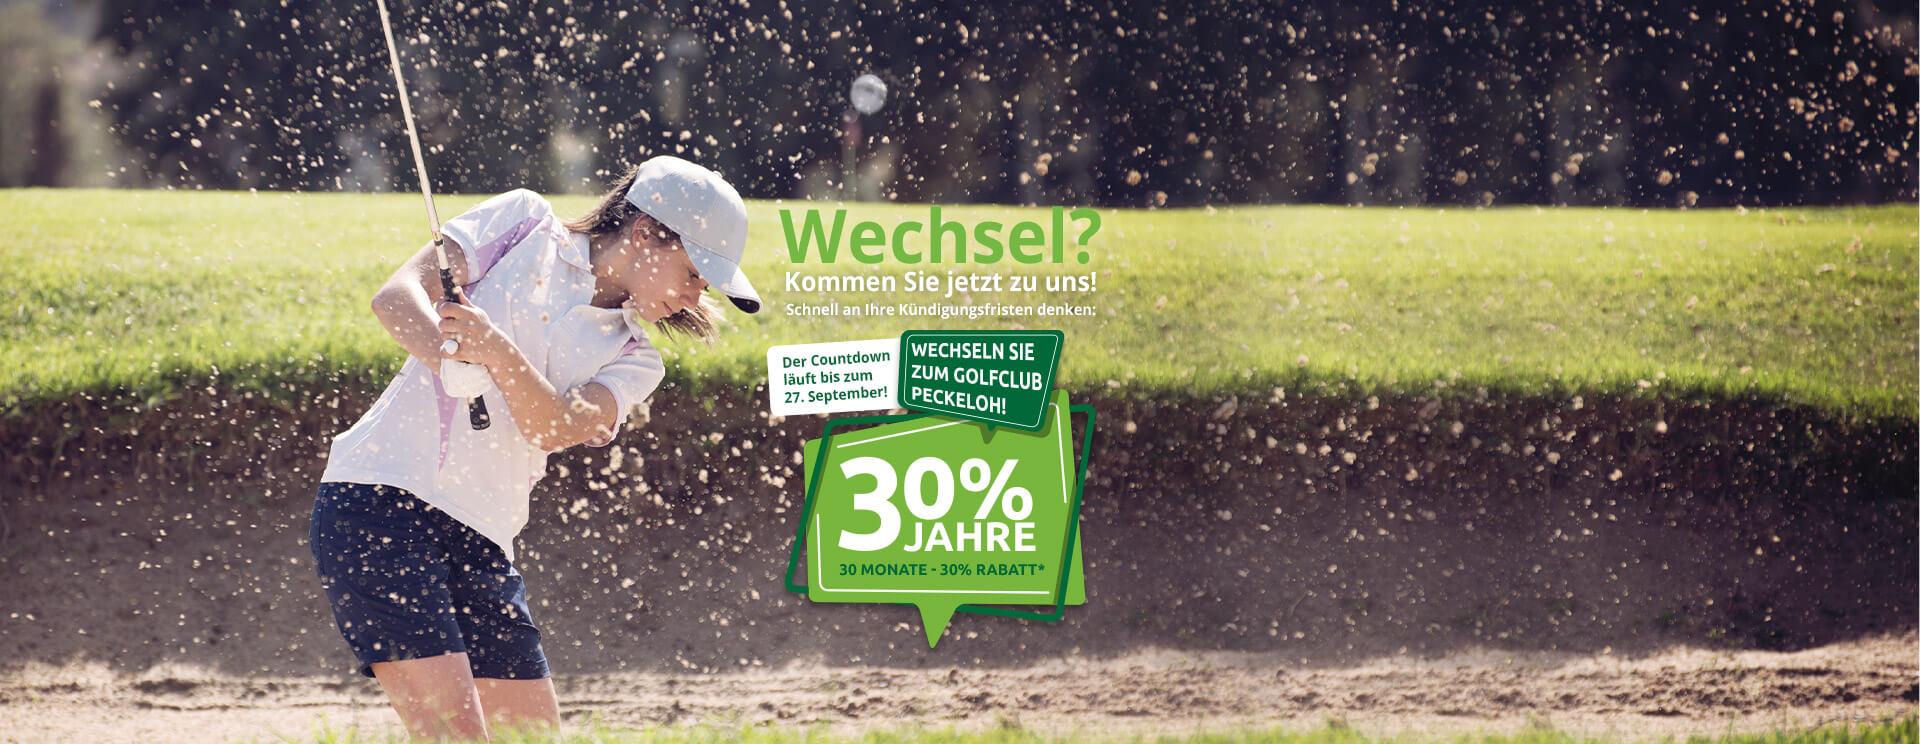 https://golfclub-peckeloh.de/wp-content/uploads/2019/09/golfclub-peckeloh-slider-mitglied-wechseln.jpg